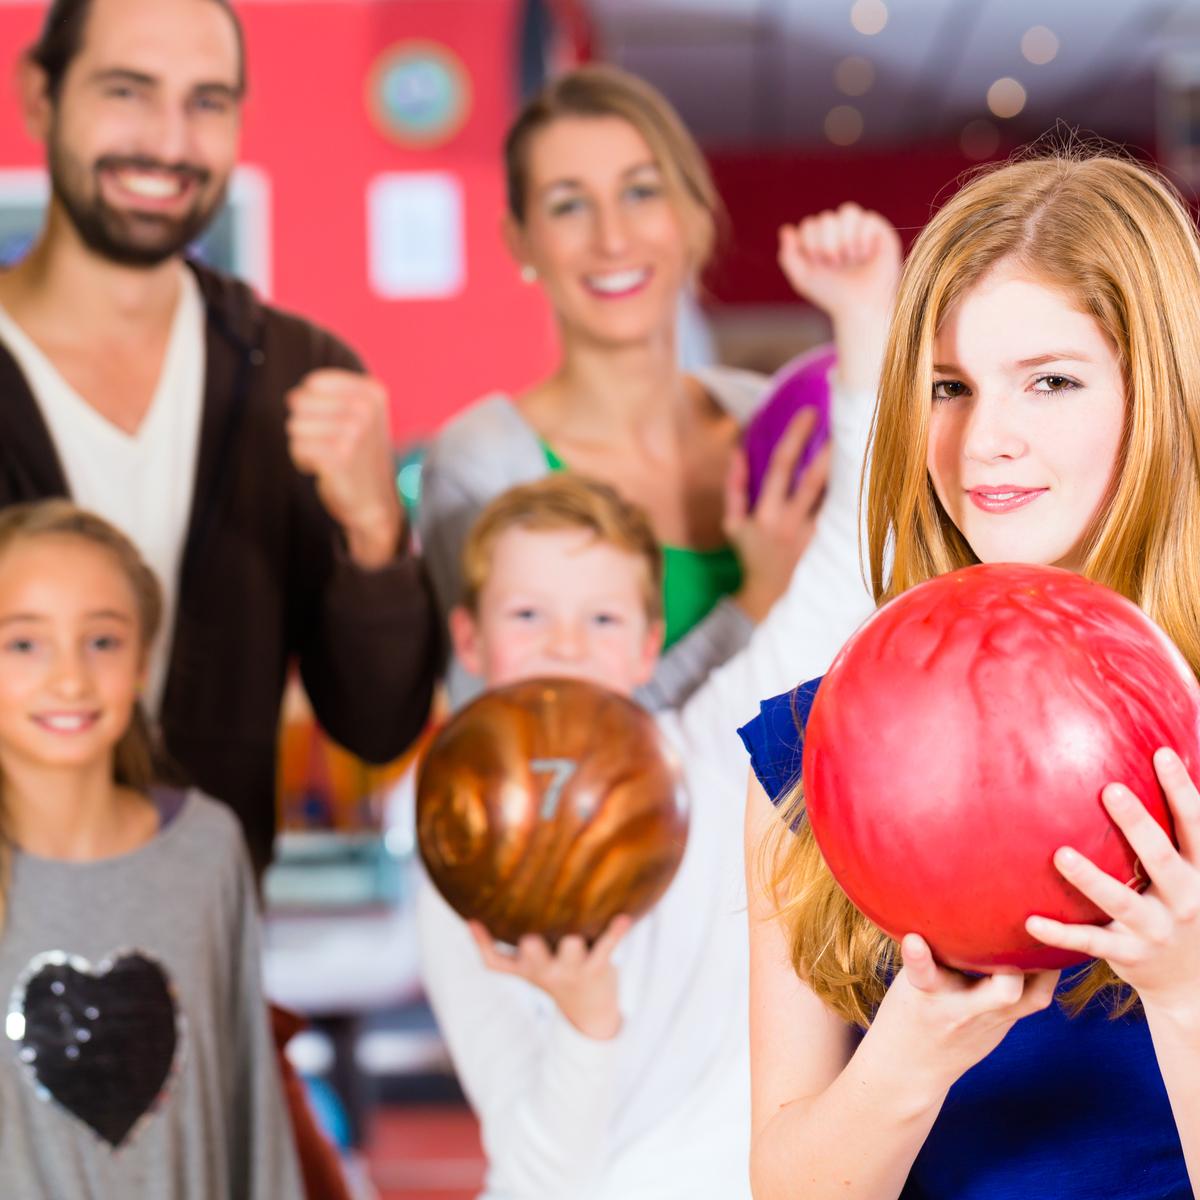 Family Fun at ibowl